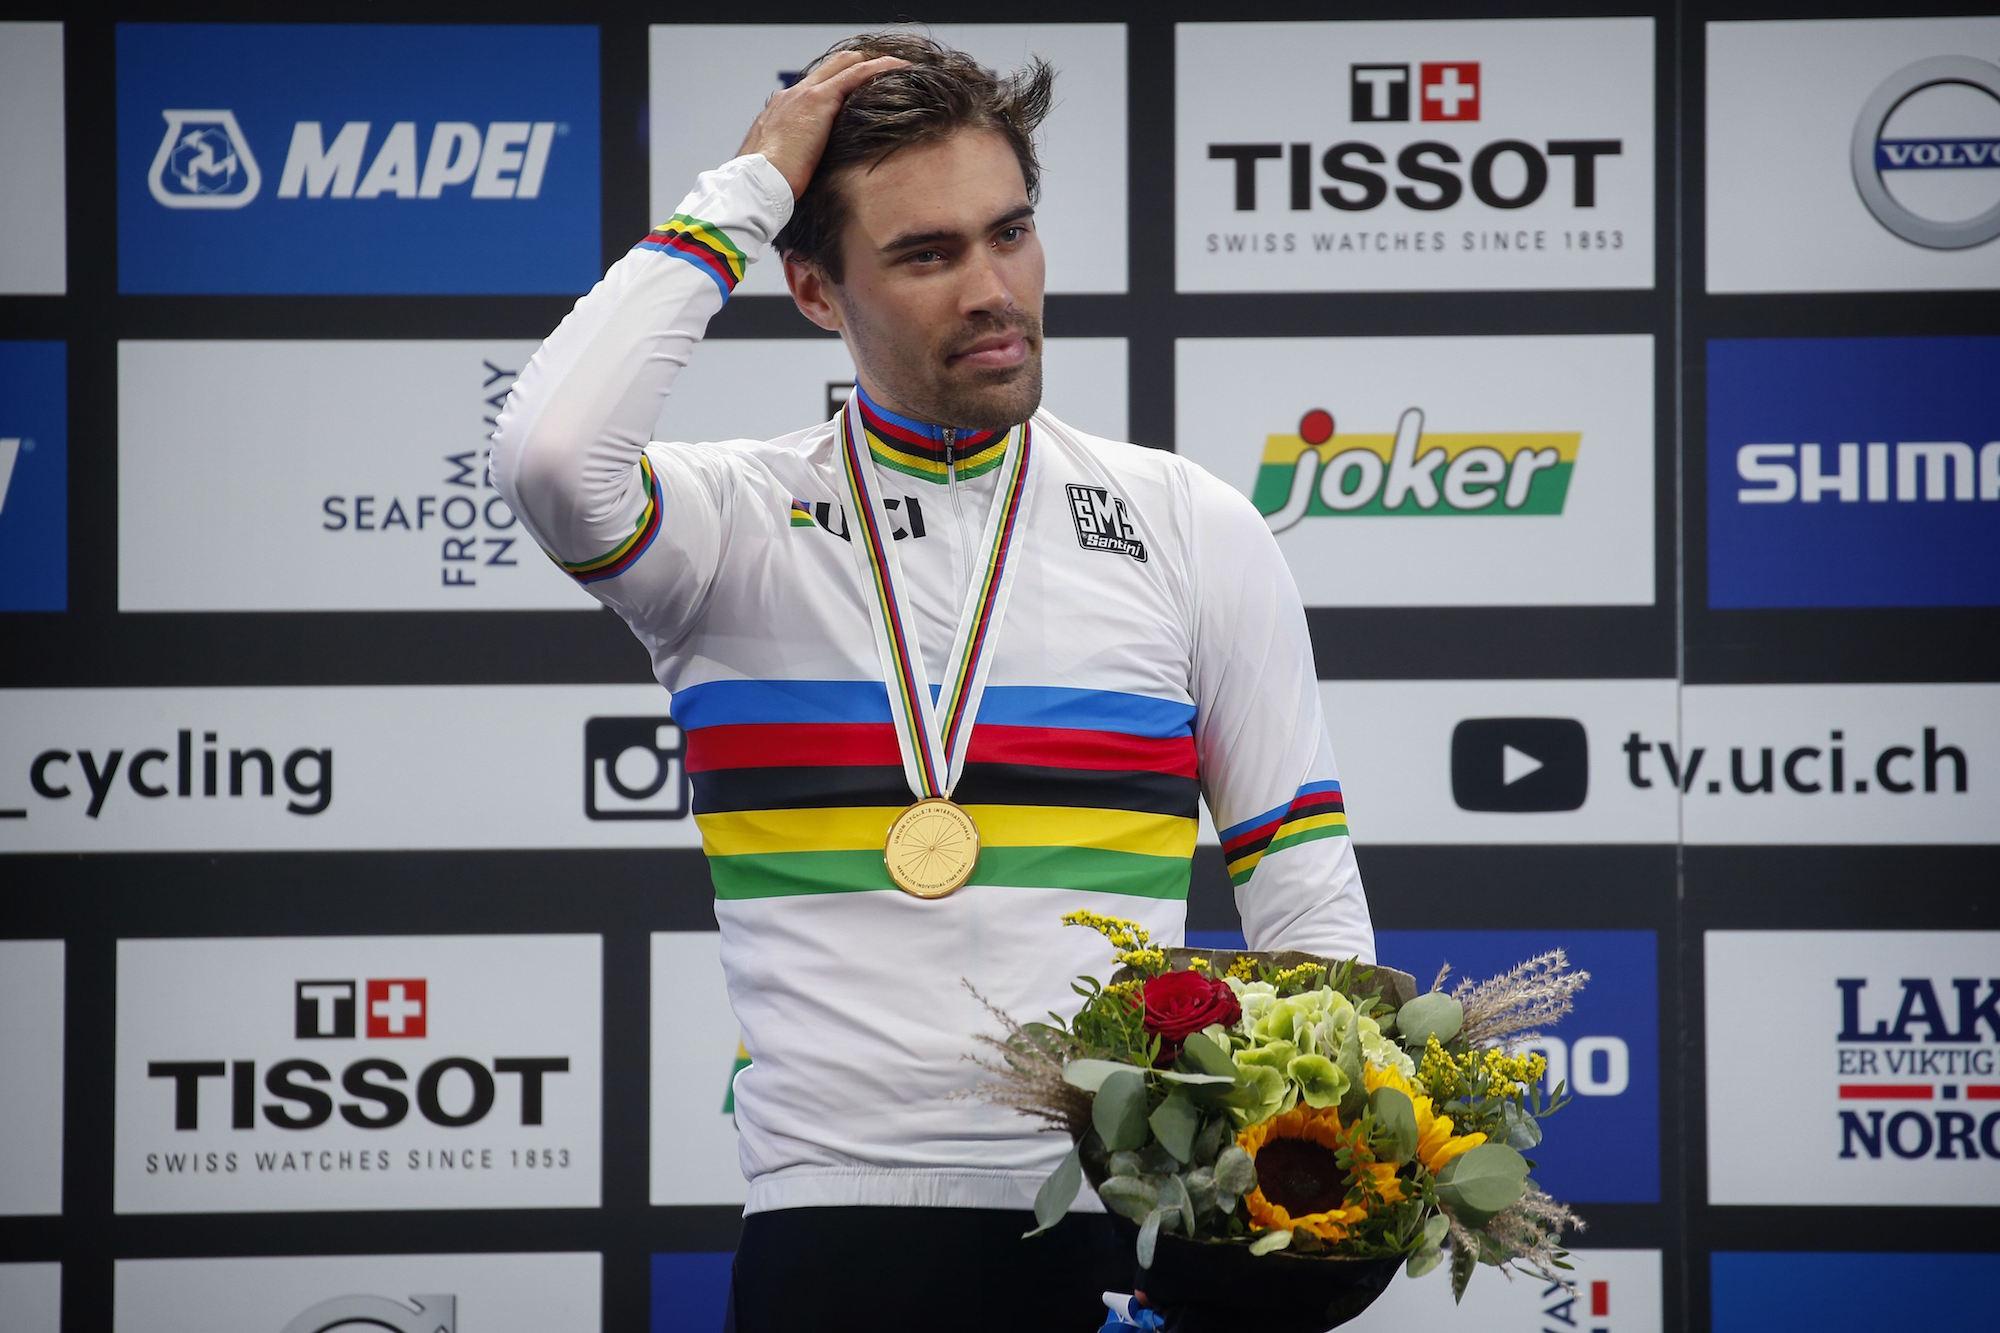 Tom Dumoulin sul podio del Mondiale a cronometro professionisti (foto Cor Vos)